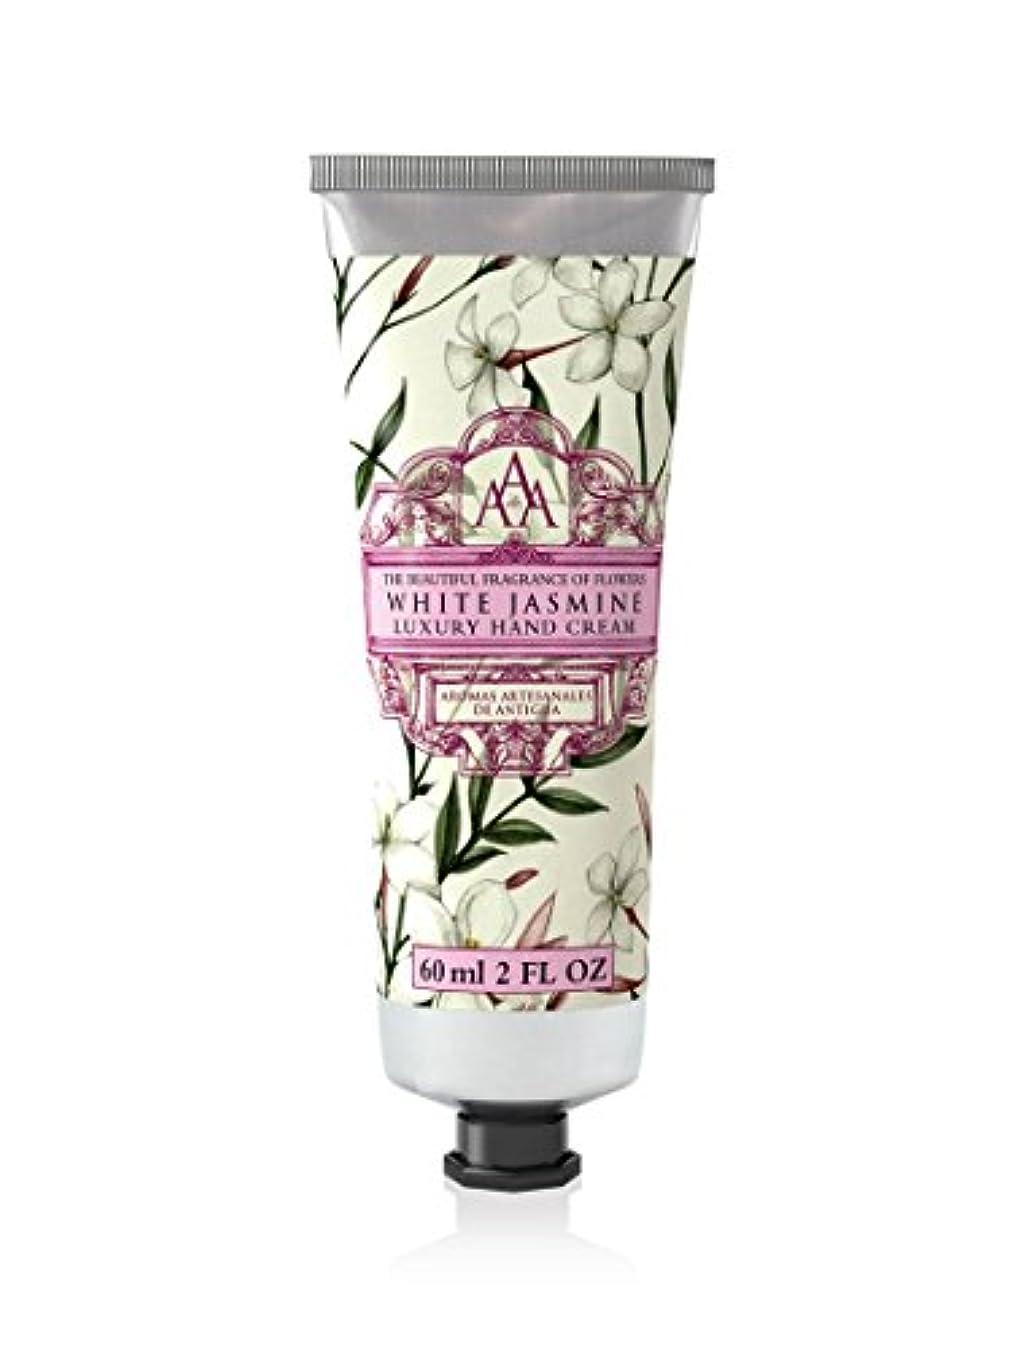 アート経由で怖がって死ぬクルトンヒルファーム ハンドクリーム ホワイトジャスミンの香り 60ml